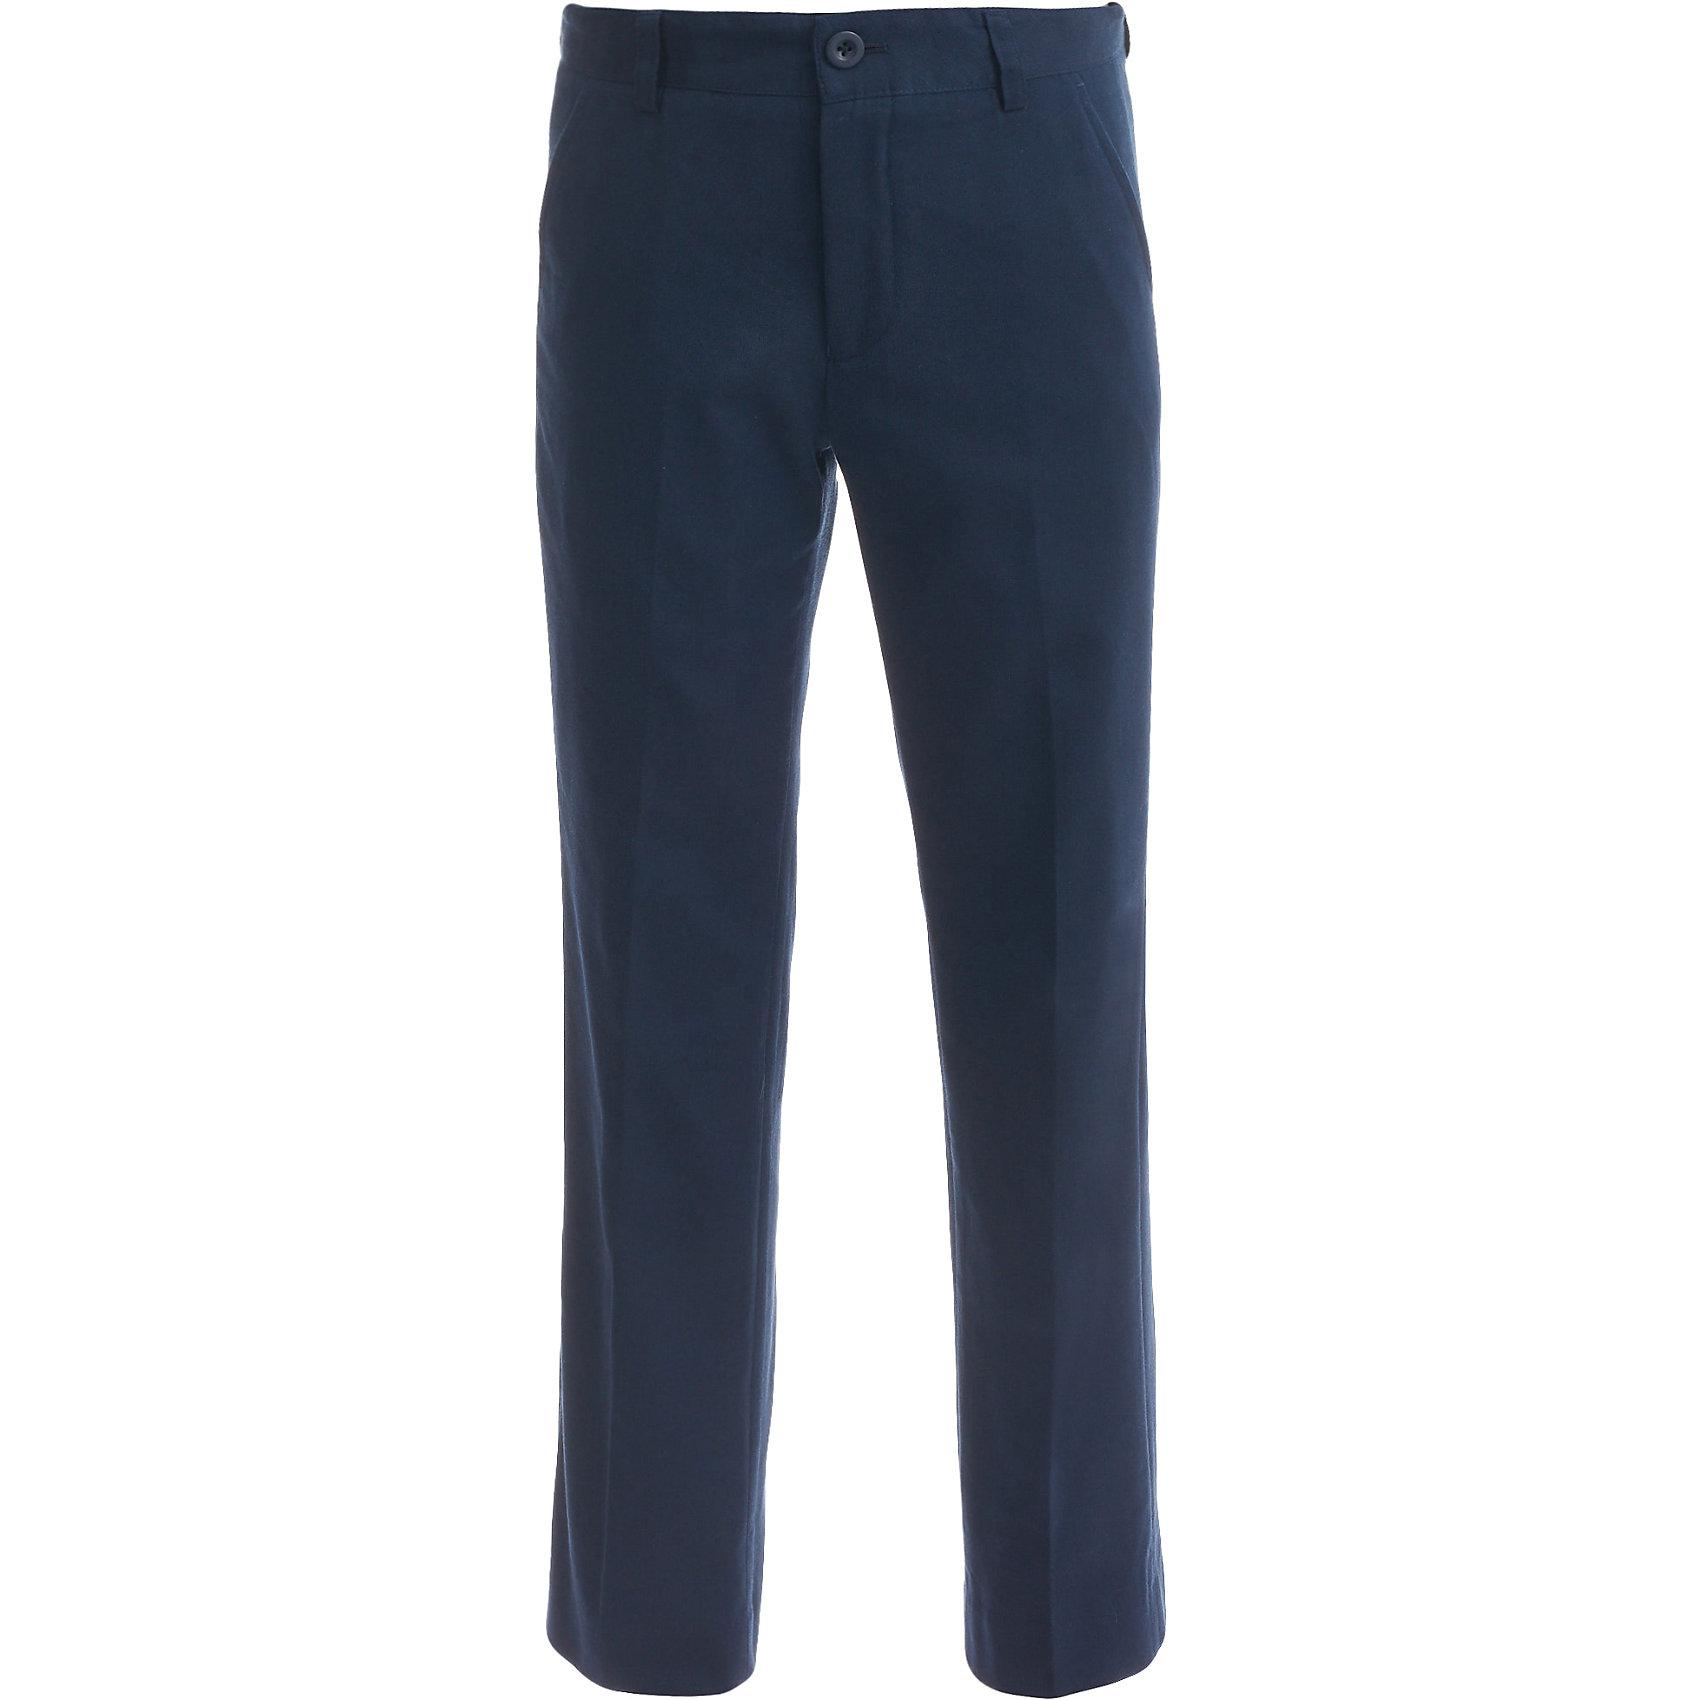 Брюки для мальчика BUTTON BLUEБрюки<br>Брюки для мальчика BUTTON BLUE<br>Школьные брюки от Button Blue - основа повседневного гардероба ученика. Брюки для школы практичны, хорошо сидят, не мешают свободе движений, обеспечивая ежедневный комфорт. Купить школьные брюки для мальчика стоит вместе с пиджаком, рубашкой, водолазкой, жилетом, создав несколько удобных и элегантных комплектов и на каждый день, и для торжественных случаев.<br>Состав:<br>38% хлопок,                      32% вискоза,                               23% полиэстер                               7% шерсть                     подкл.:  50% вискоза           50% полиэстер<br><br>Ширина мм: 215<br>Глубина мм: 88<br>Высота мм: 191<br>Вес г: 336<br>Цвет: синий<br>Возраст от месяцев: 72<br>Возраст до месяцев: 84<br>Пол: Мужской<br>Возраст: Детский<br>Размер: 122,164,128,134,140,146,152,158<br>SKU: 6739251